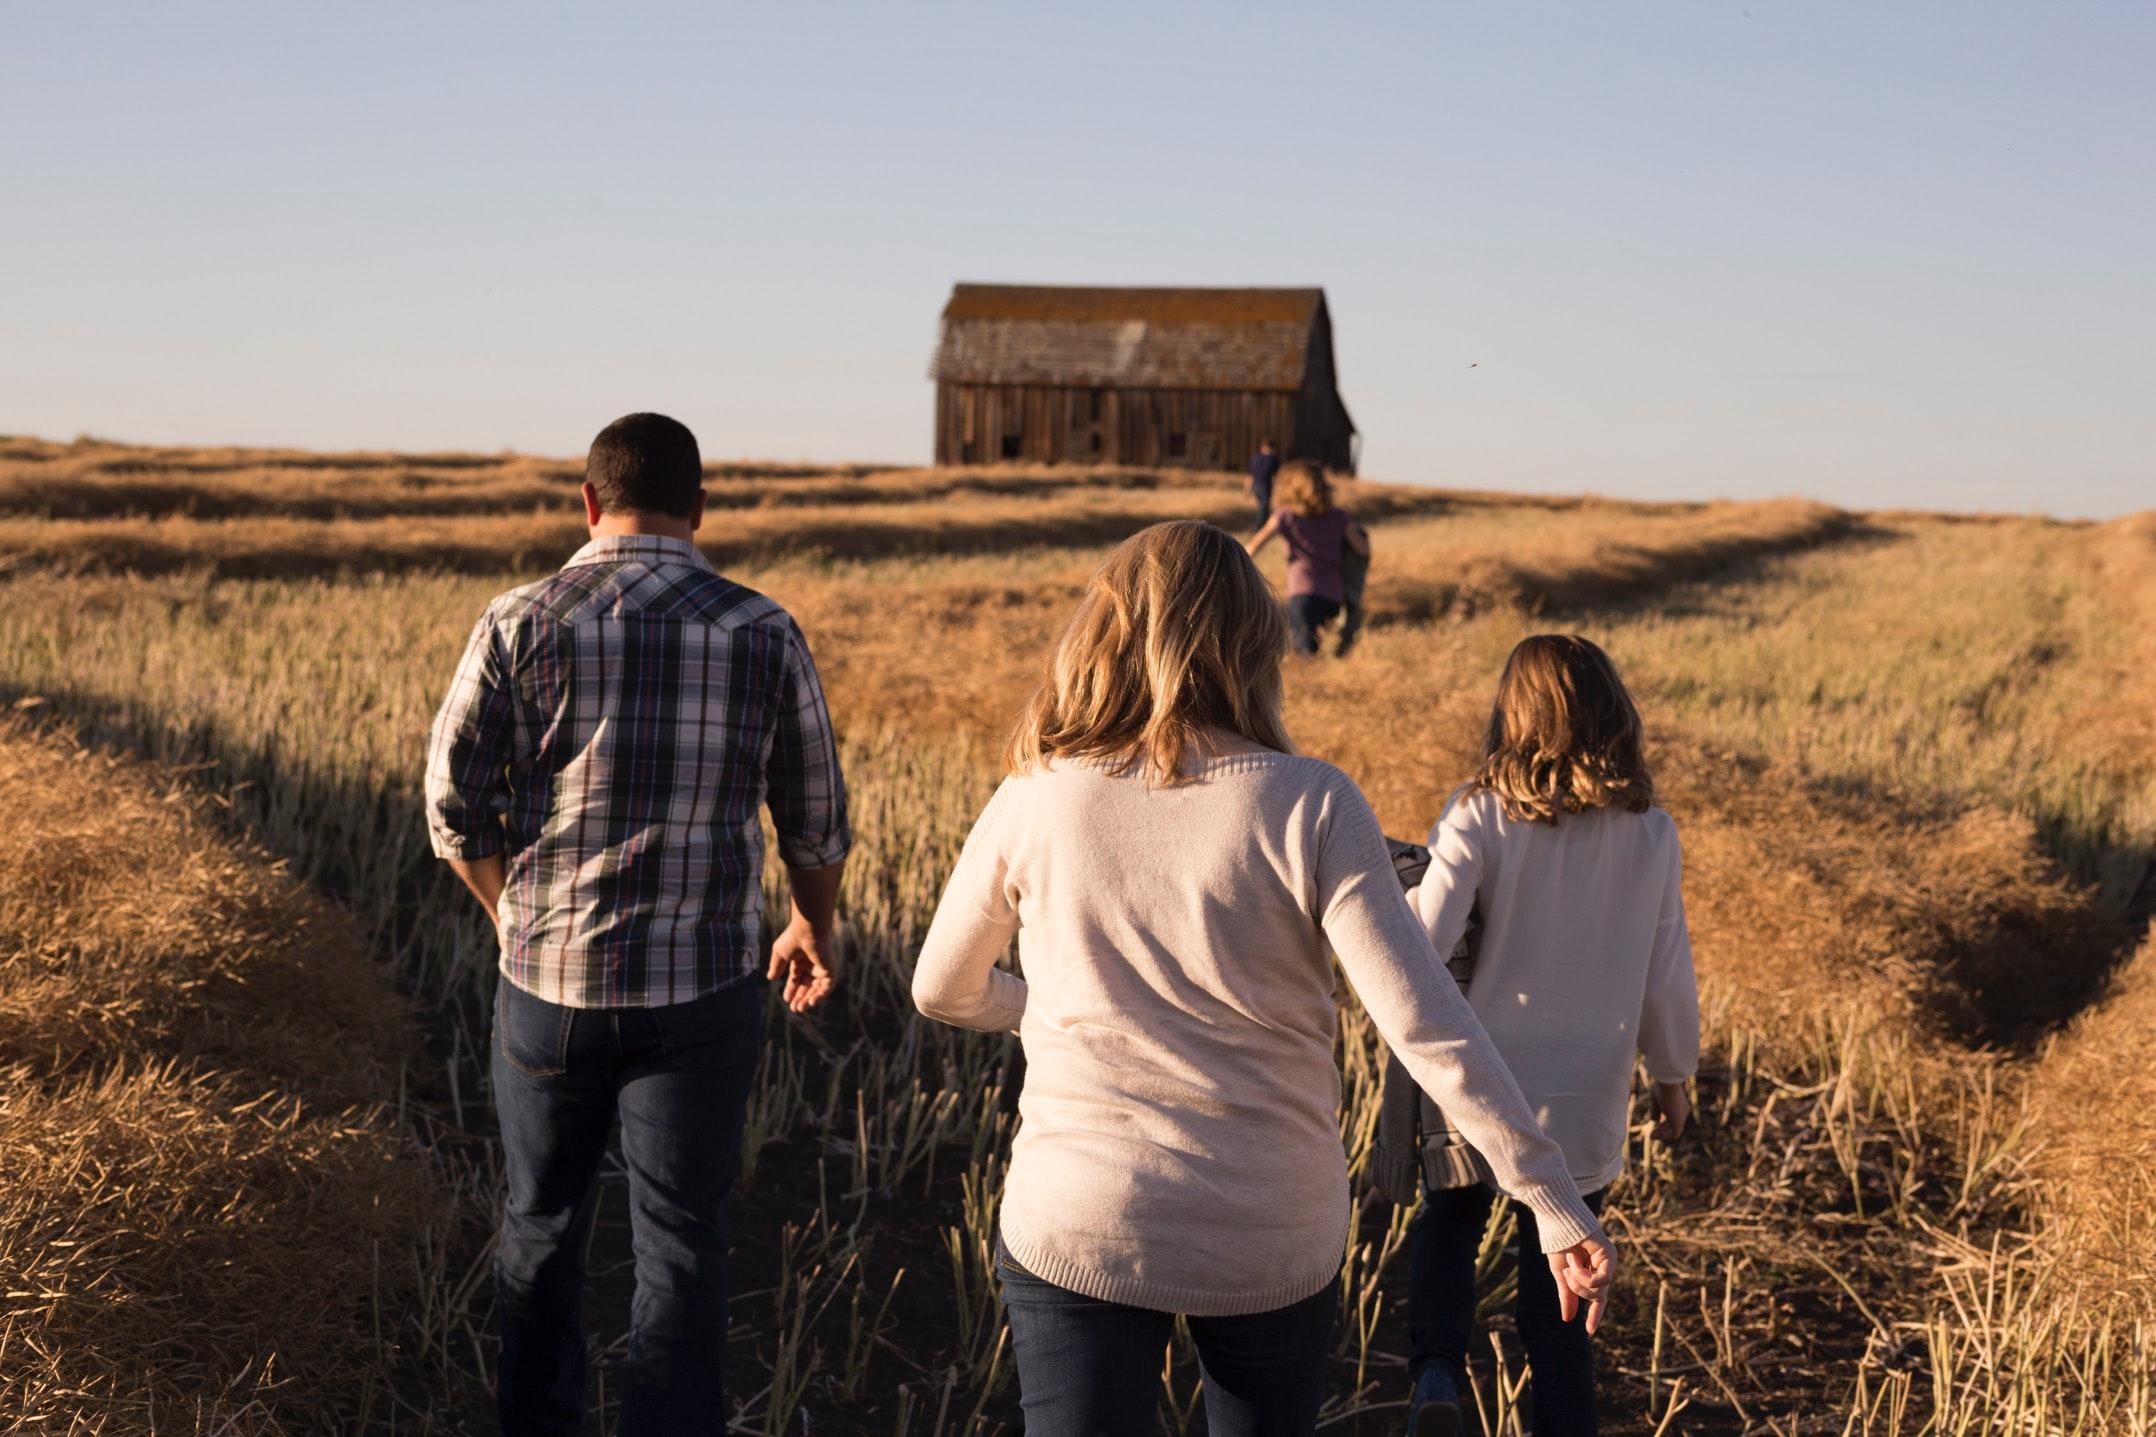 Family walking towards a barn